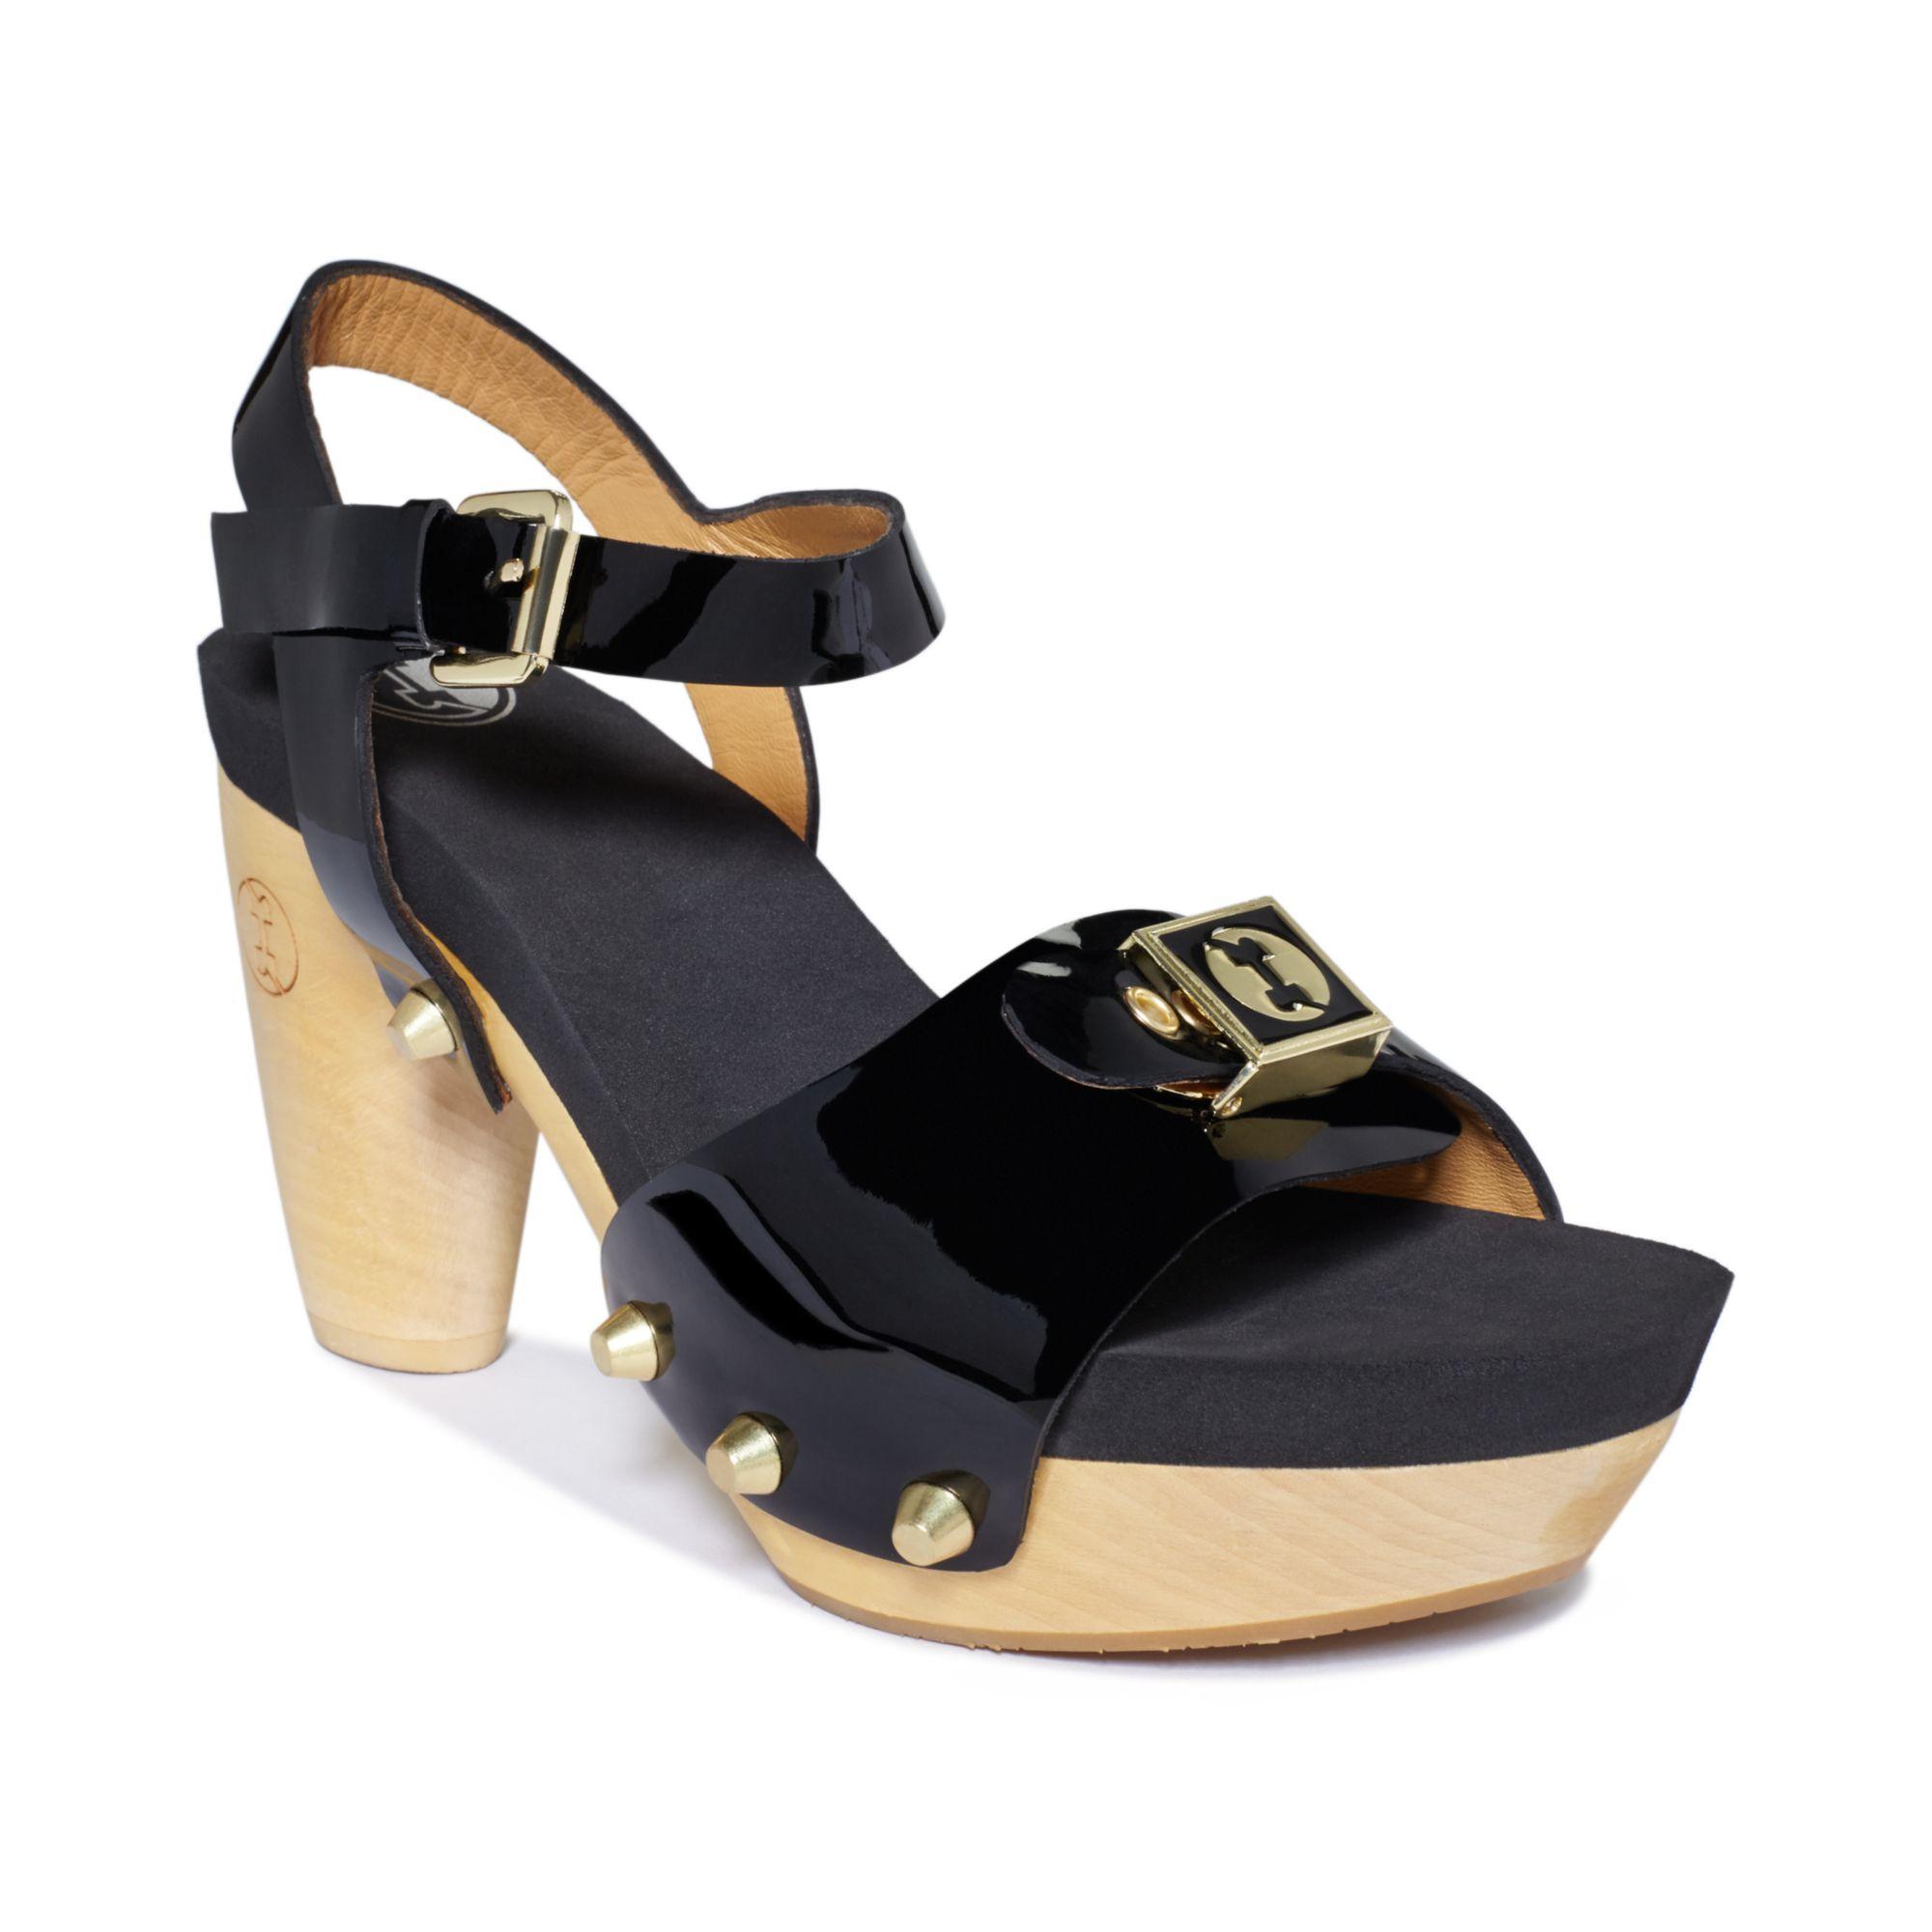 flogg fantastic platform sandals in black black patent